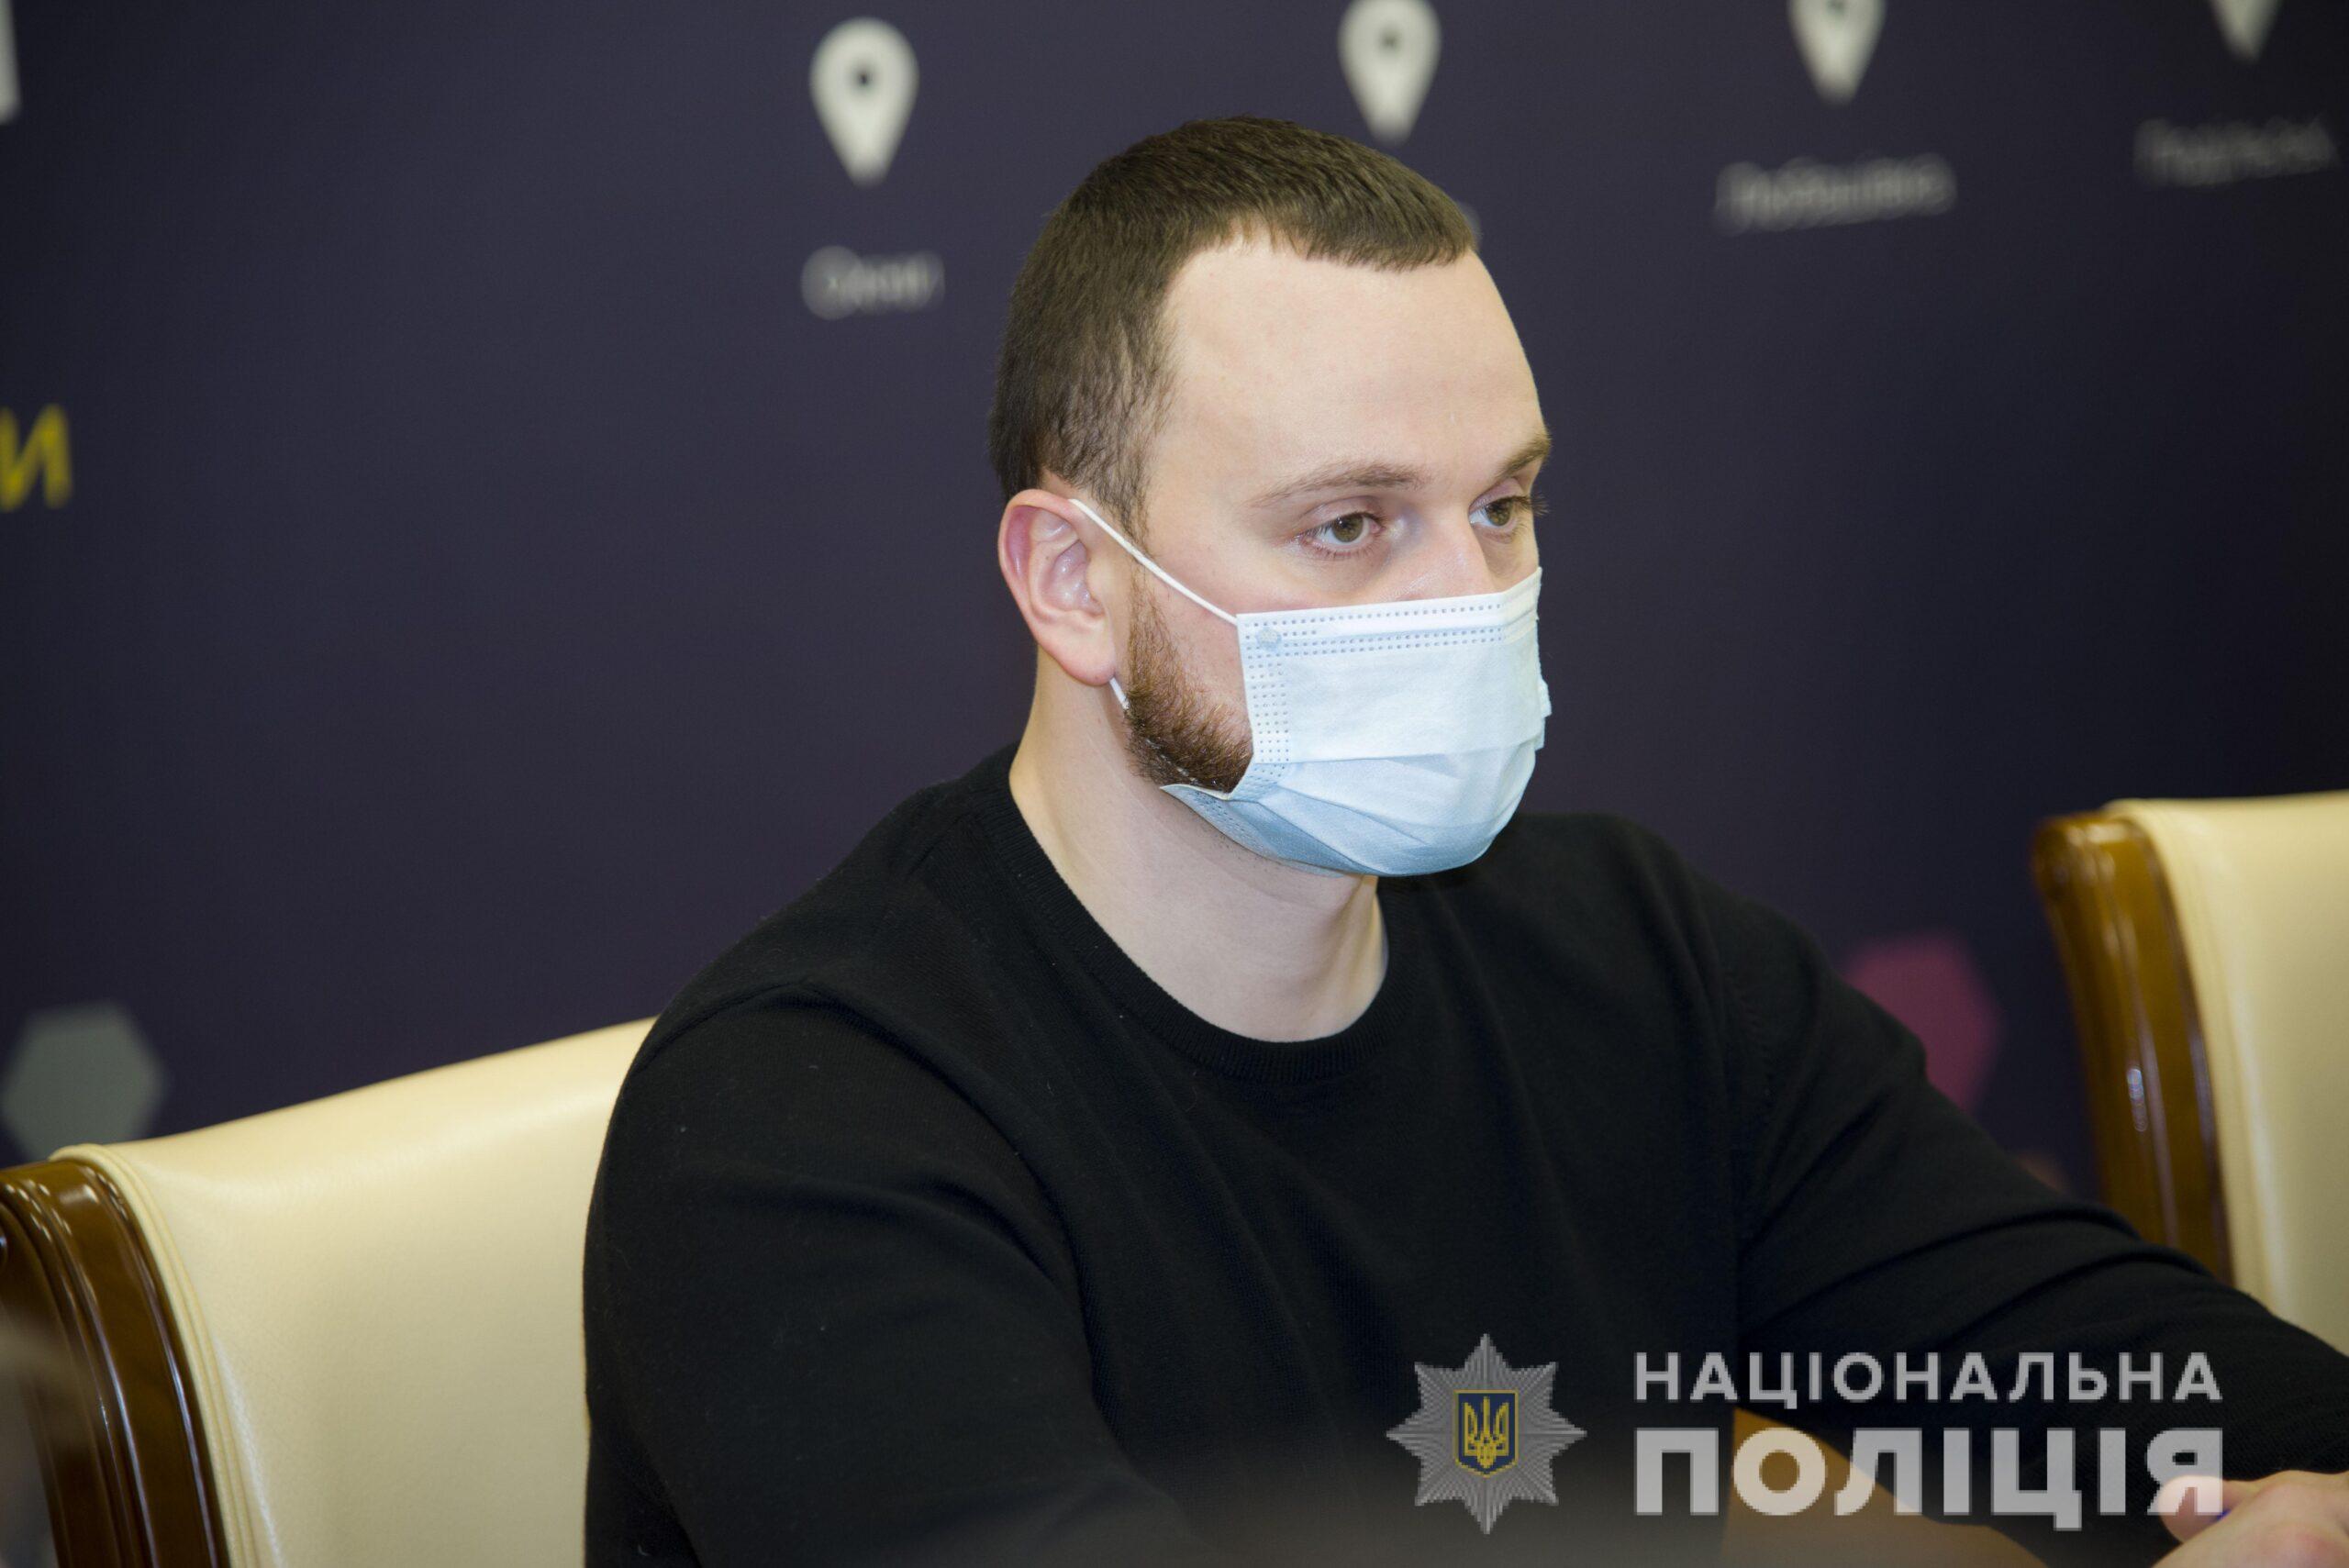 Не просто печальная статистика: почему растет преступность среди детей в Одесской области и есть ли способ остановить это?